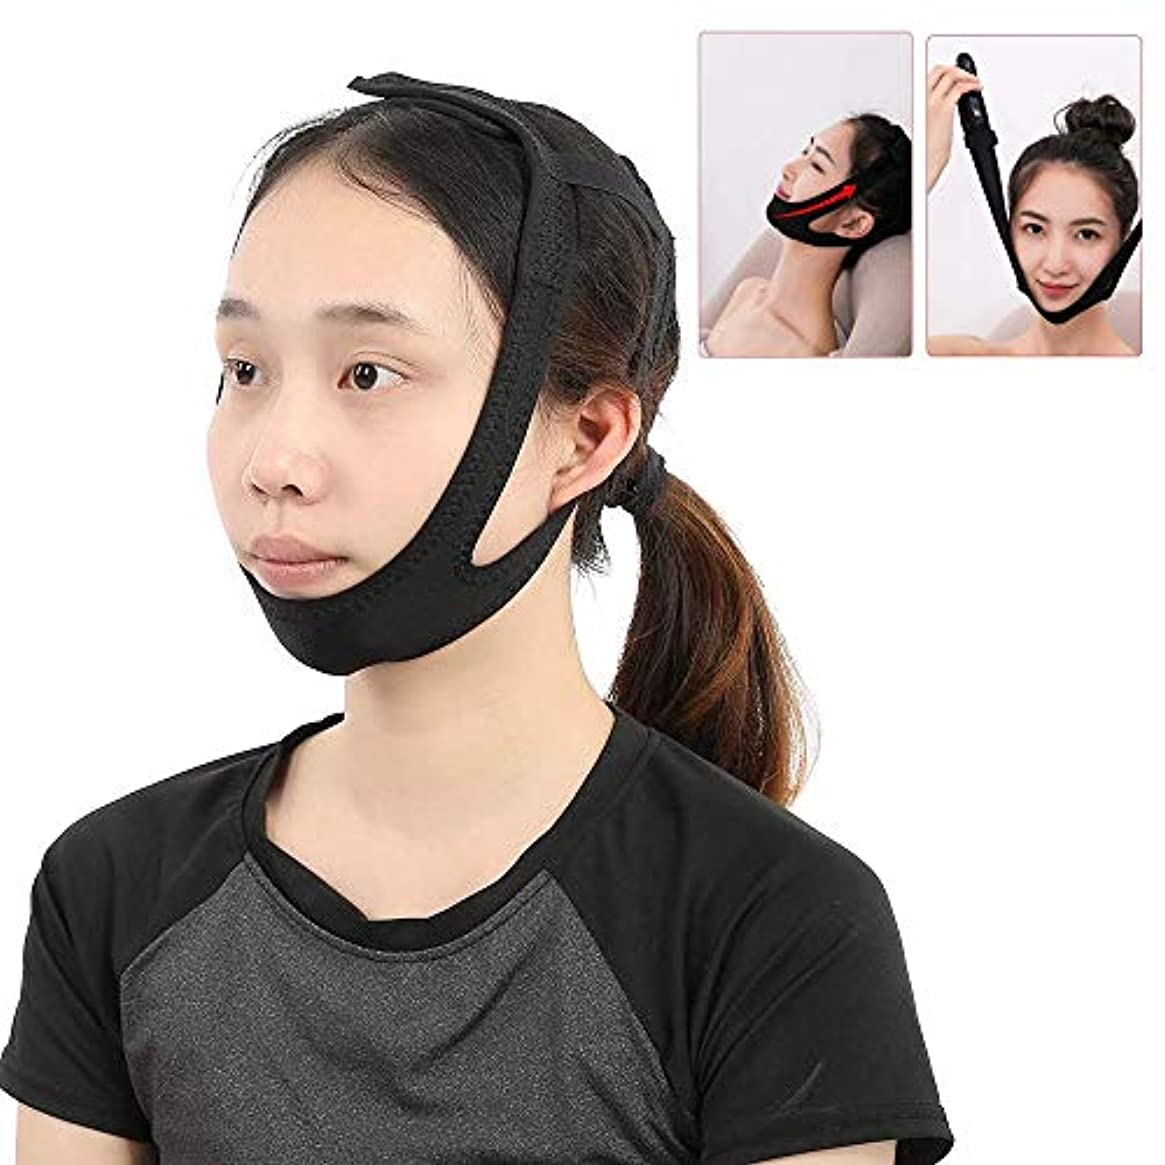 ロープ悪意のある参照するVラインフェイシャルスリミングベルト-フェイスリフトマスク-肌を引き締めるための顔補正シェーパー包帯、ダブルチンとアンチリンクルの除去